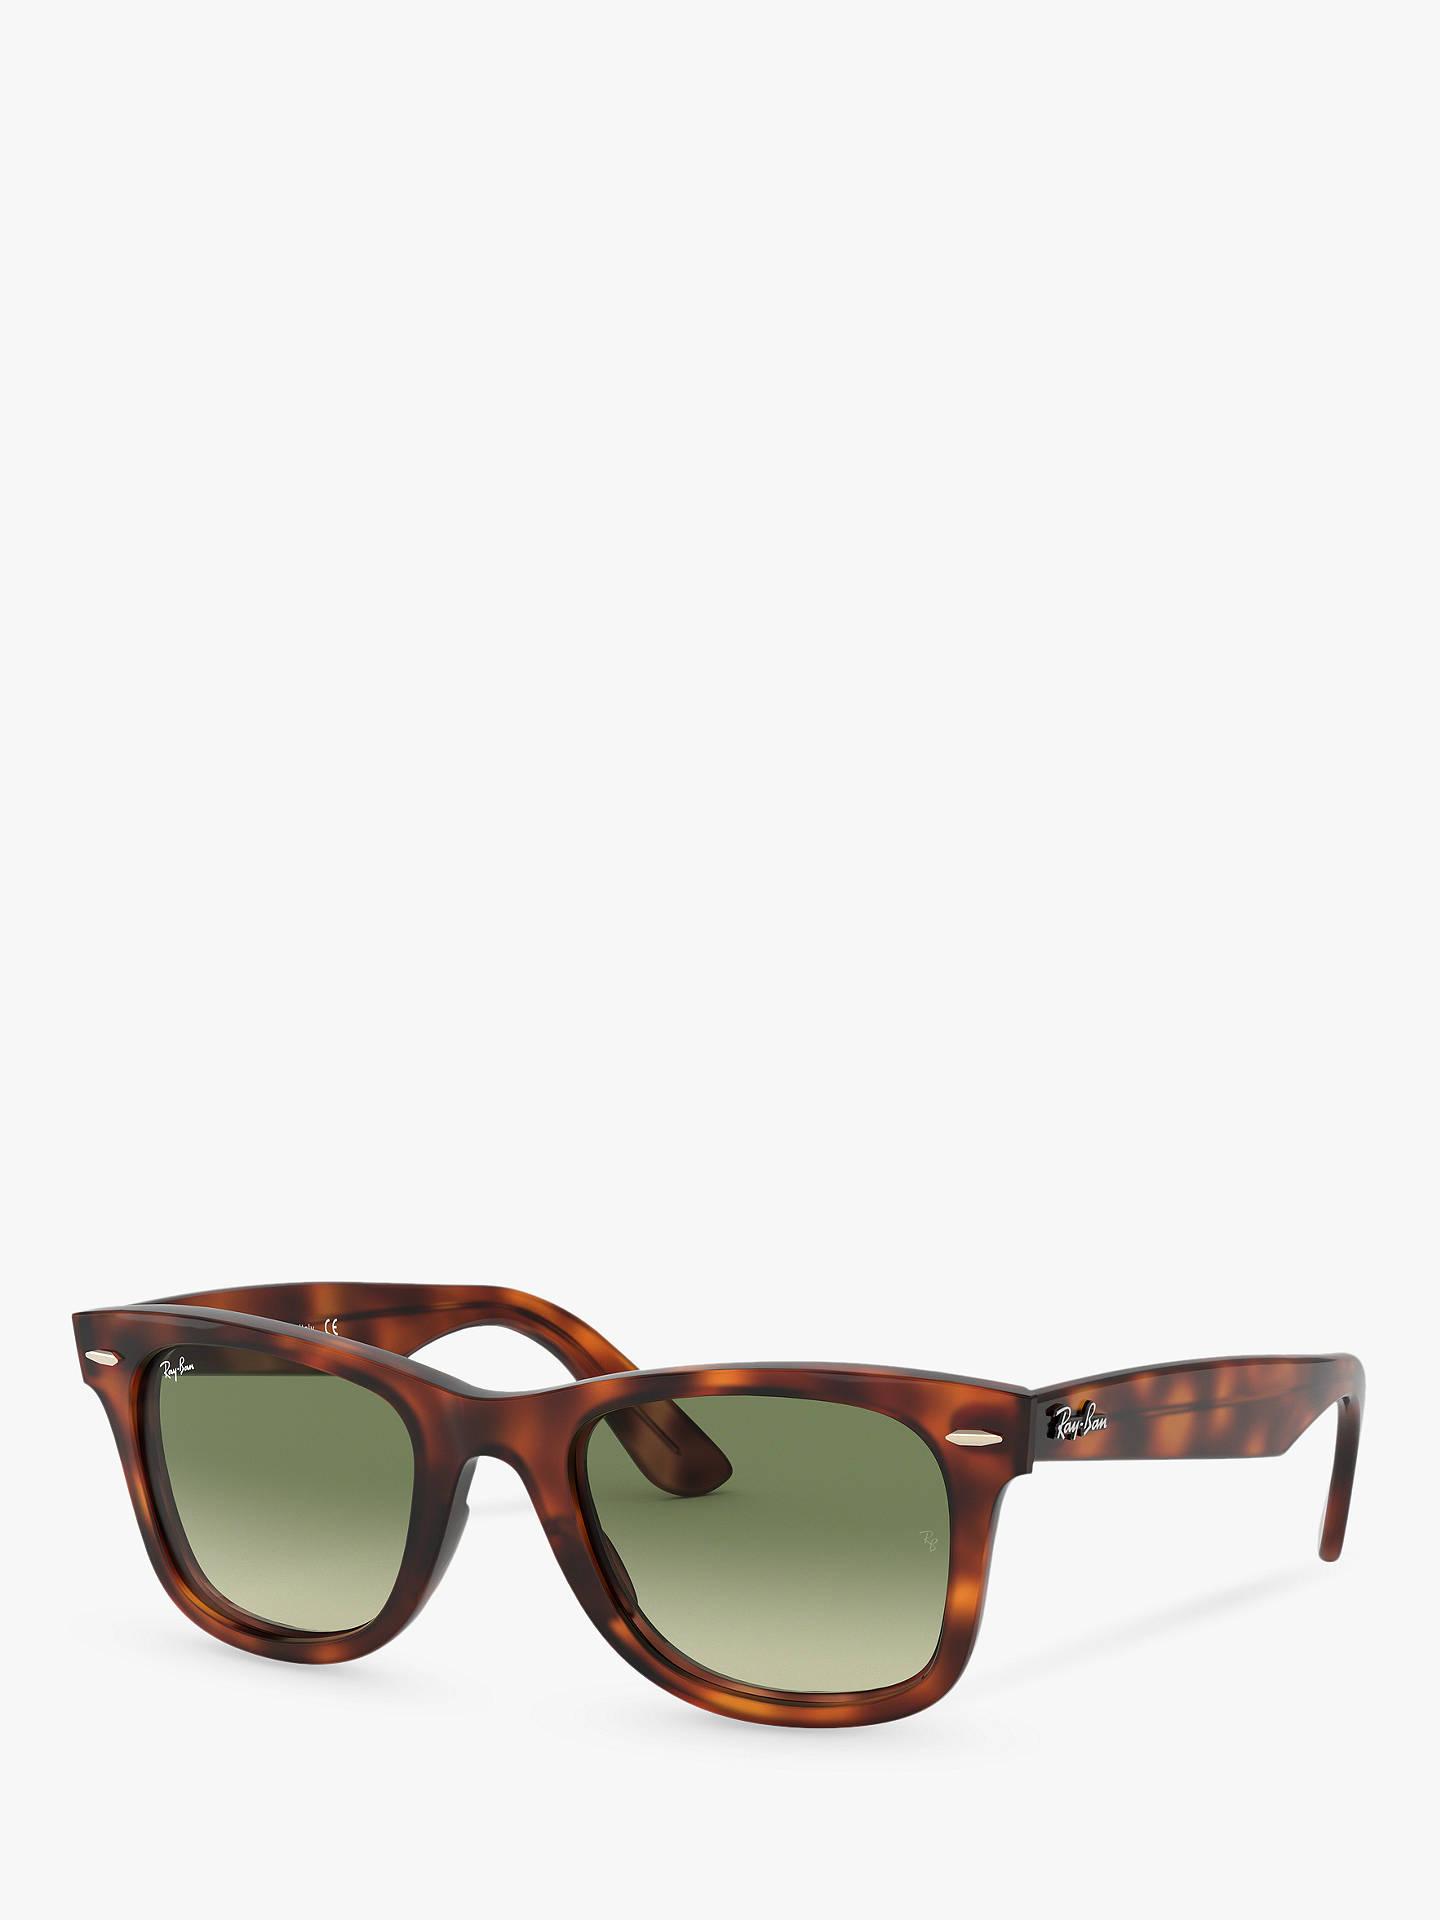 f9f385da4c Buy Ray-Ban RB4340 Wayfarer Sunglasses